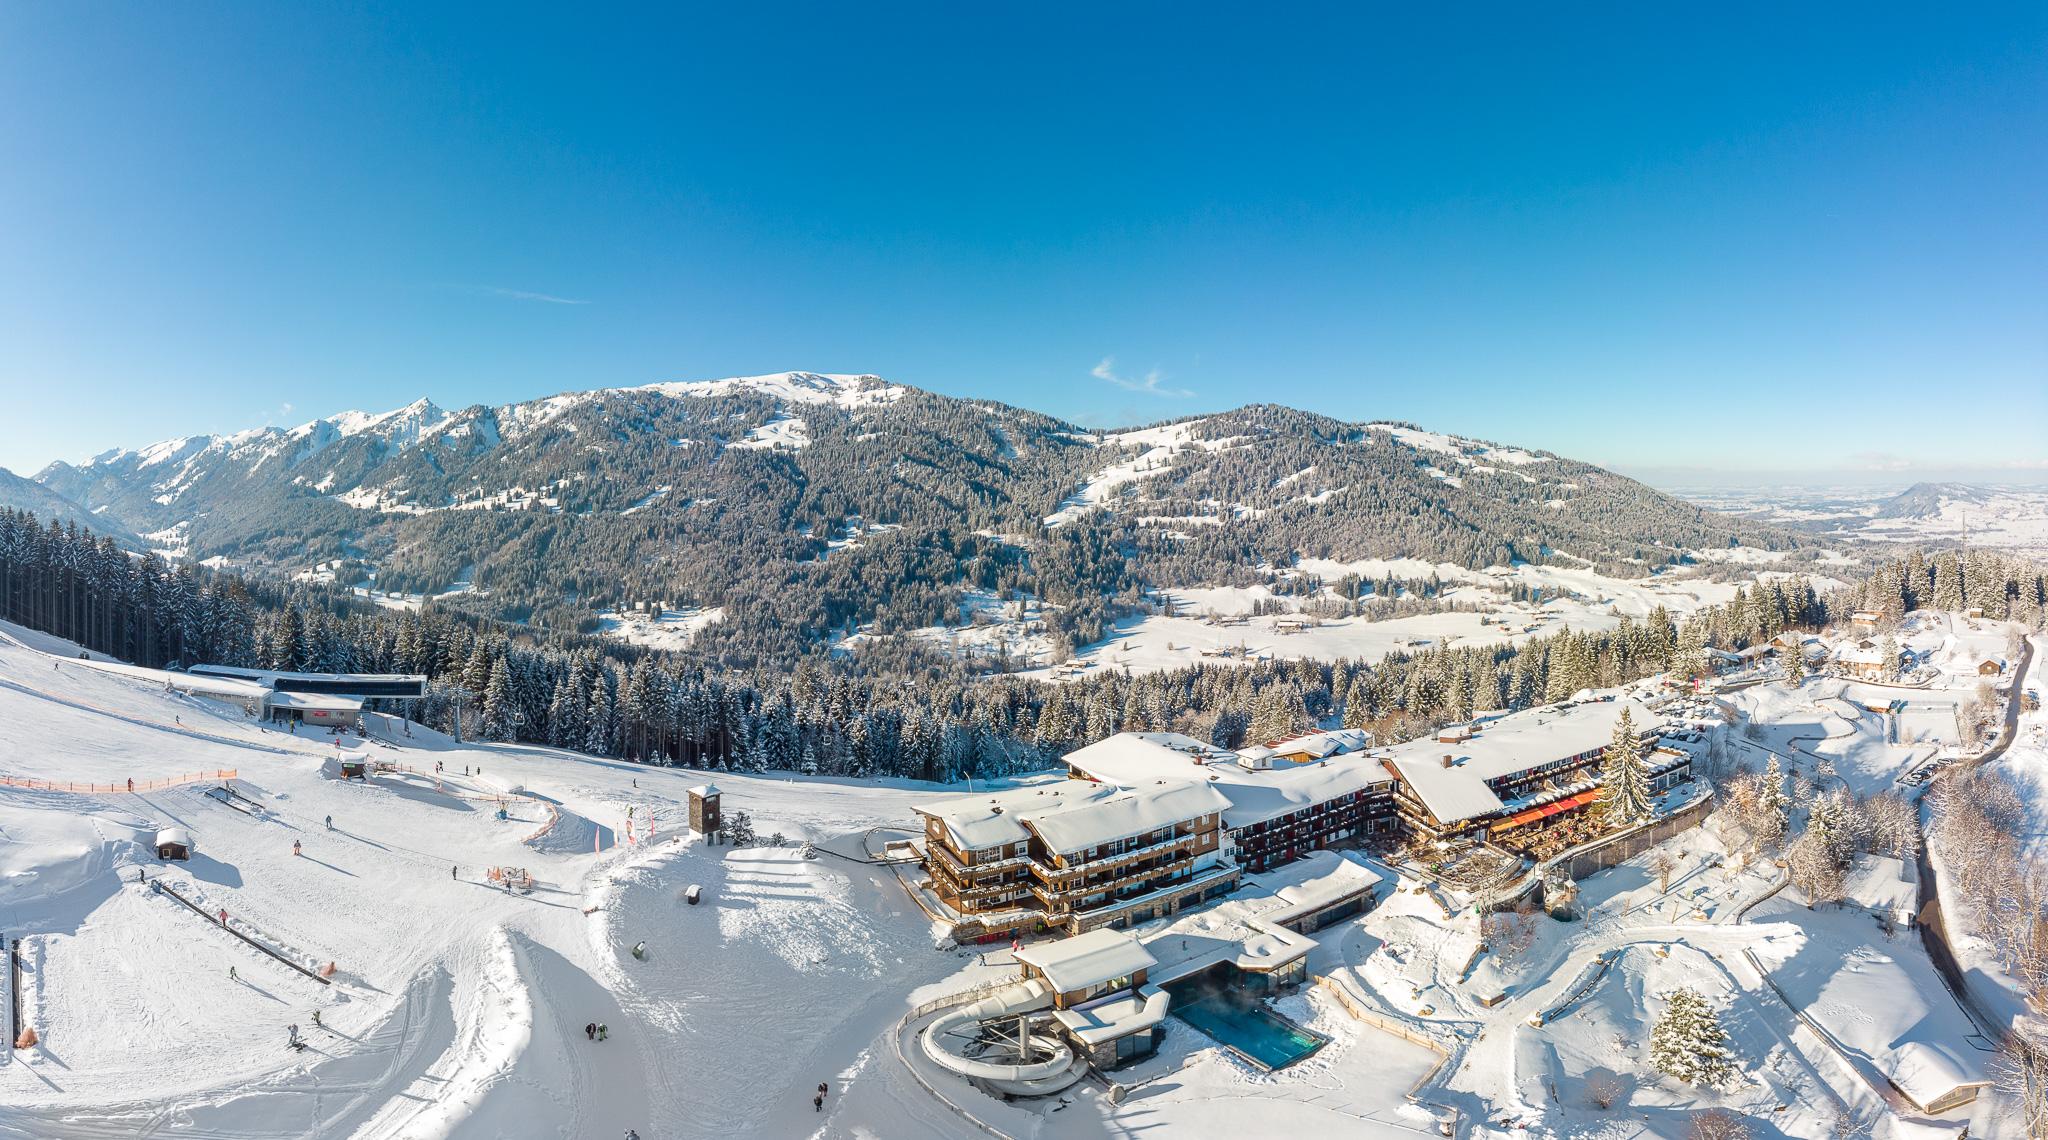 Familotel Allgäuer Berghof**** - Ein ganzer Berg für unsern Urlaub